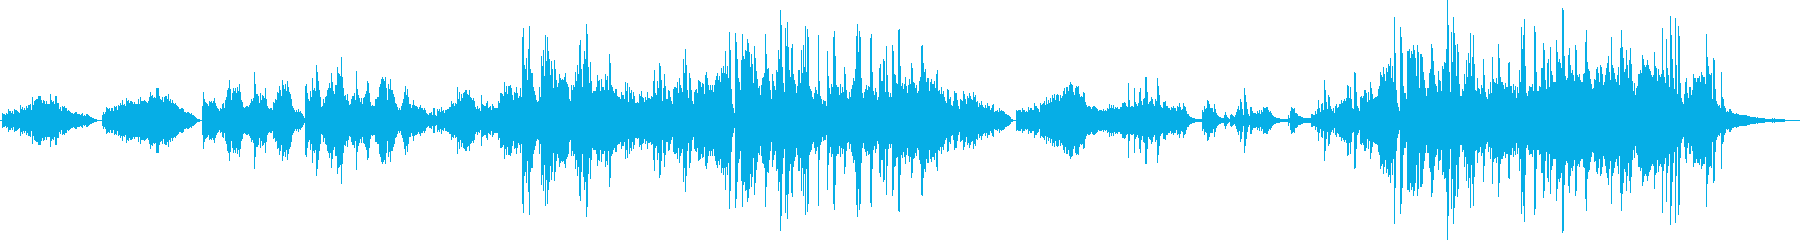 爽やかで感動的なピアノソロの再生済みの波形